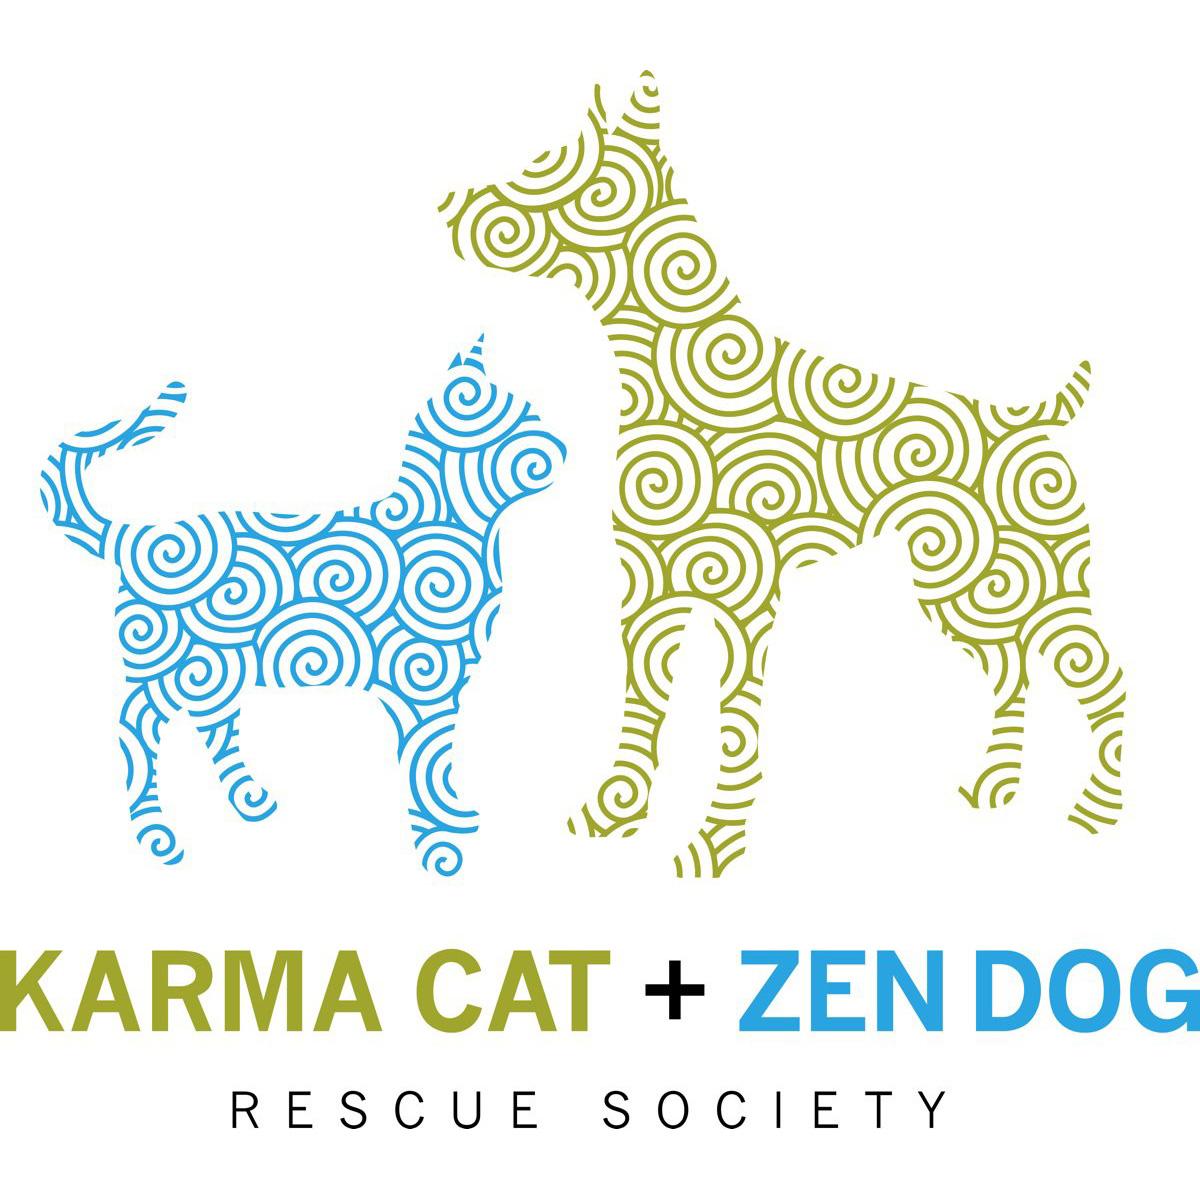 Karma Cat + Zen Dog Rescue Society